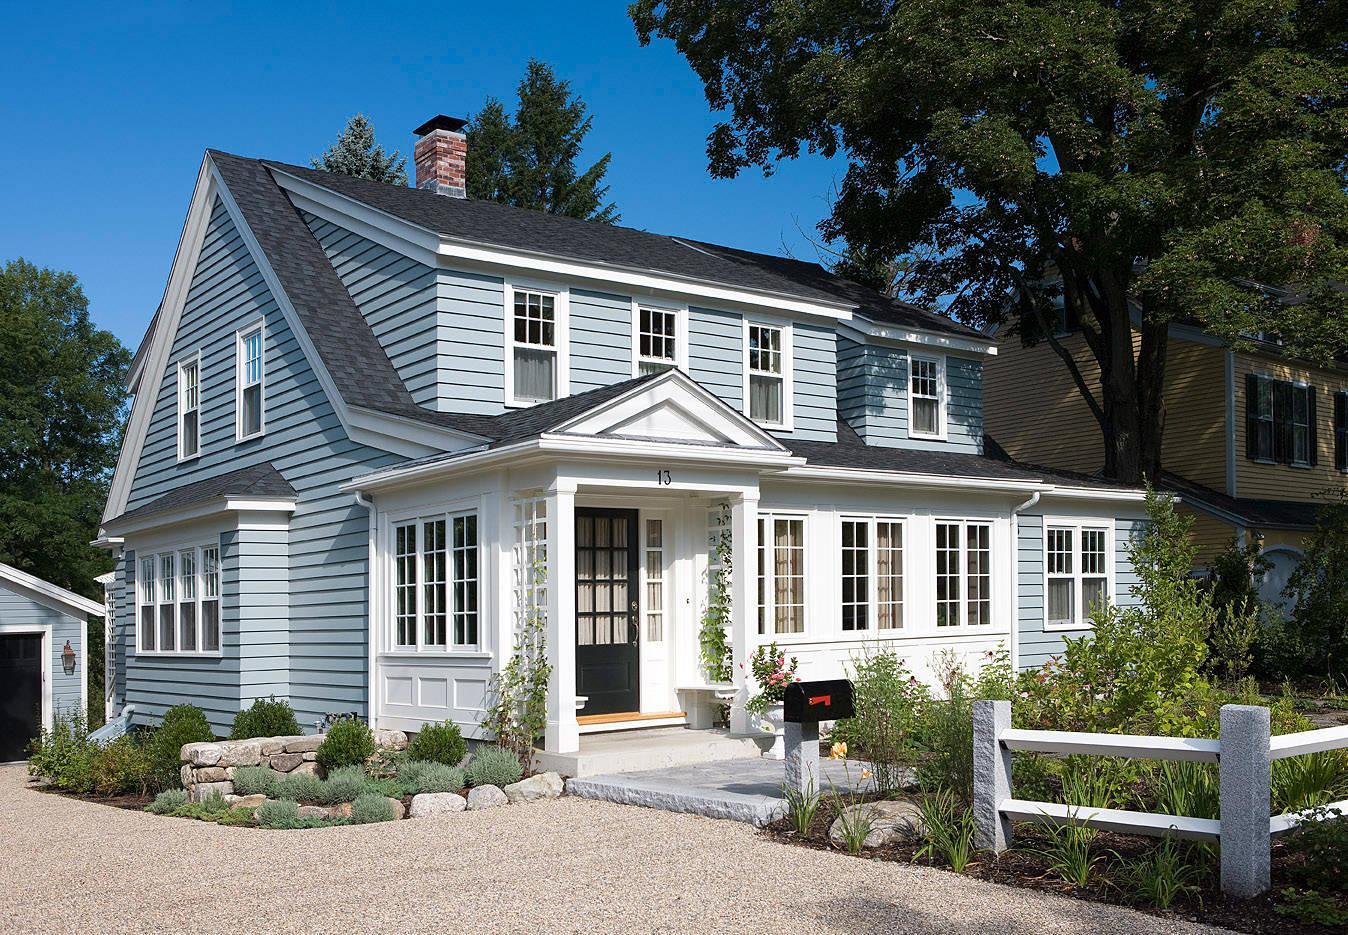 Крыльцо частного дома в американском стиле